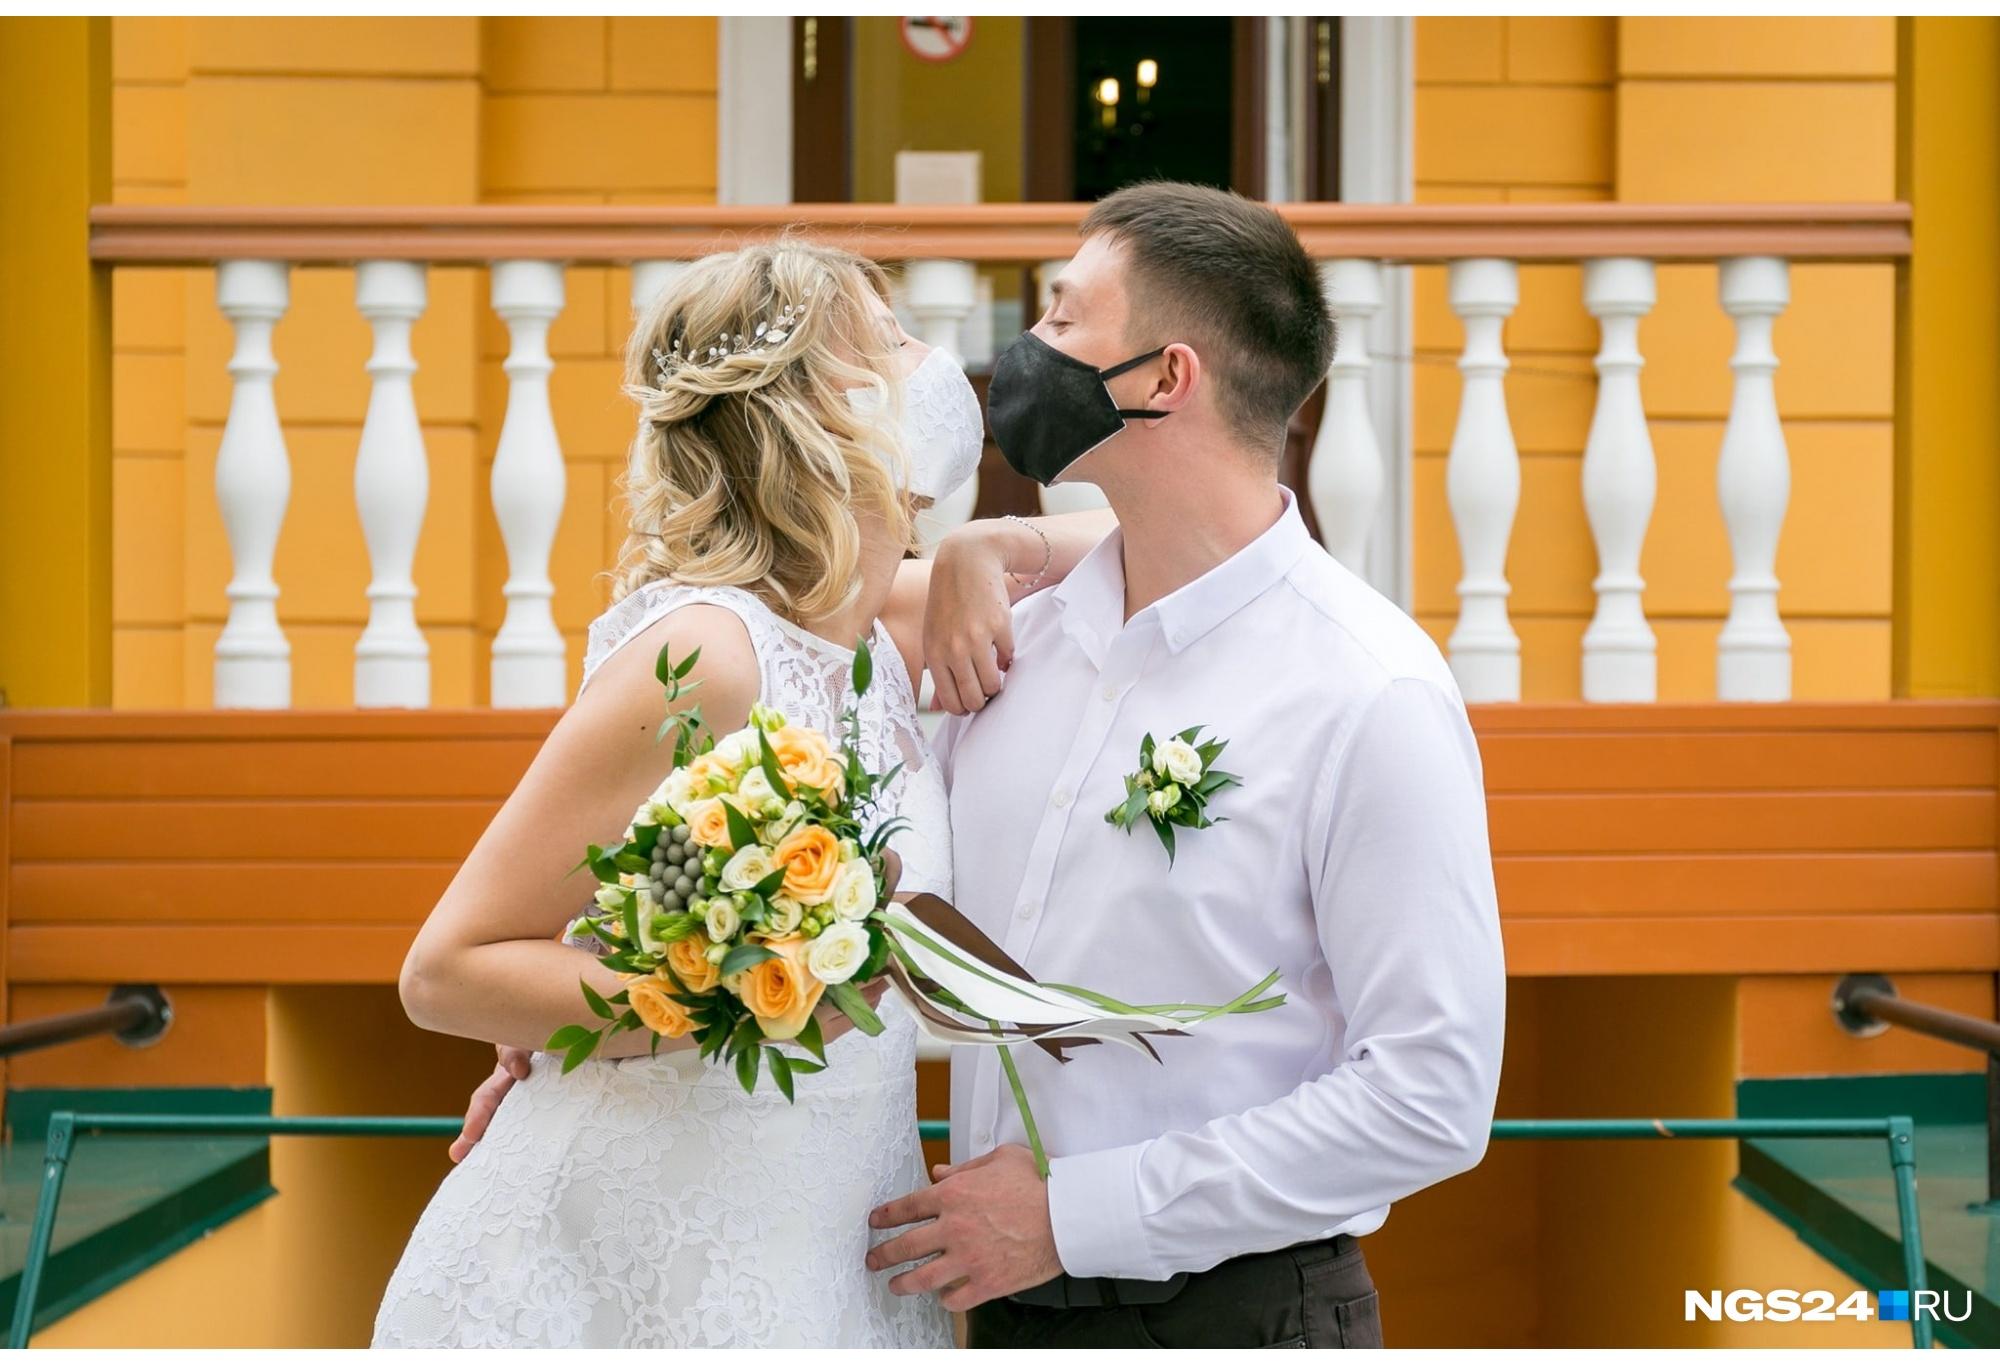 Даже привычные праздники в этом году шли не по сценарию. Это фото сделано у Дома семейных торжеств в Красноярске. В первую волну ковида парам предлагали перенести регистрацию на осень. Влюбленные расписывались в масках, без гостей